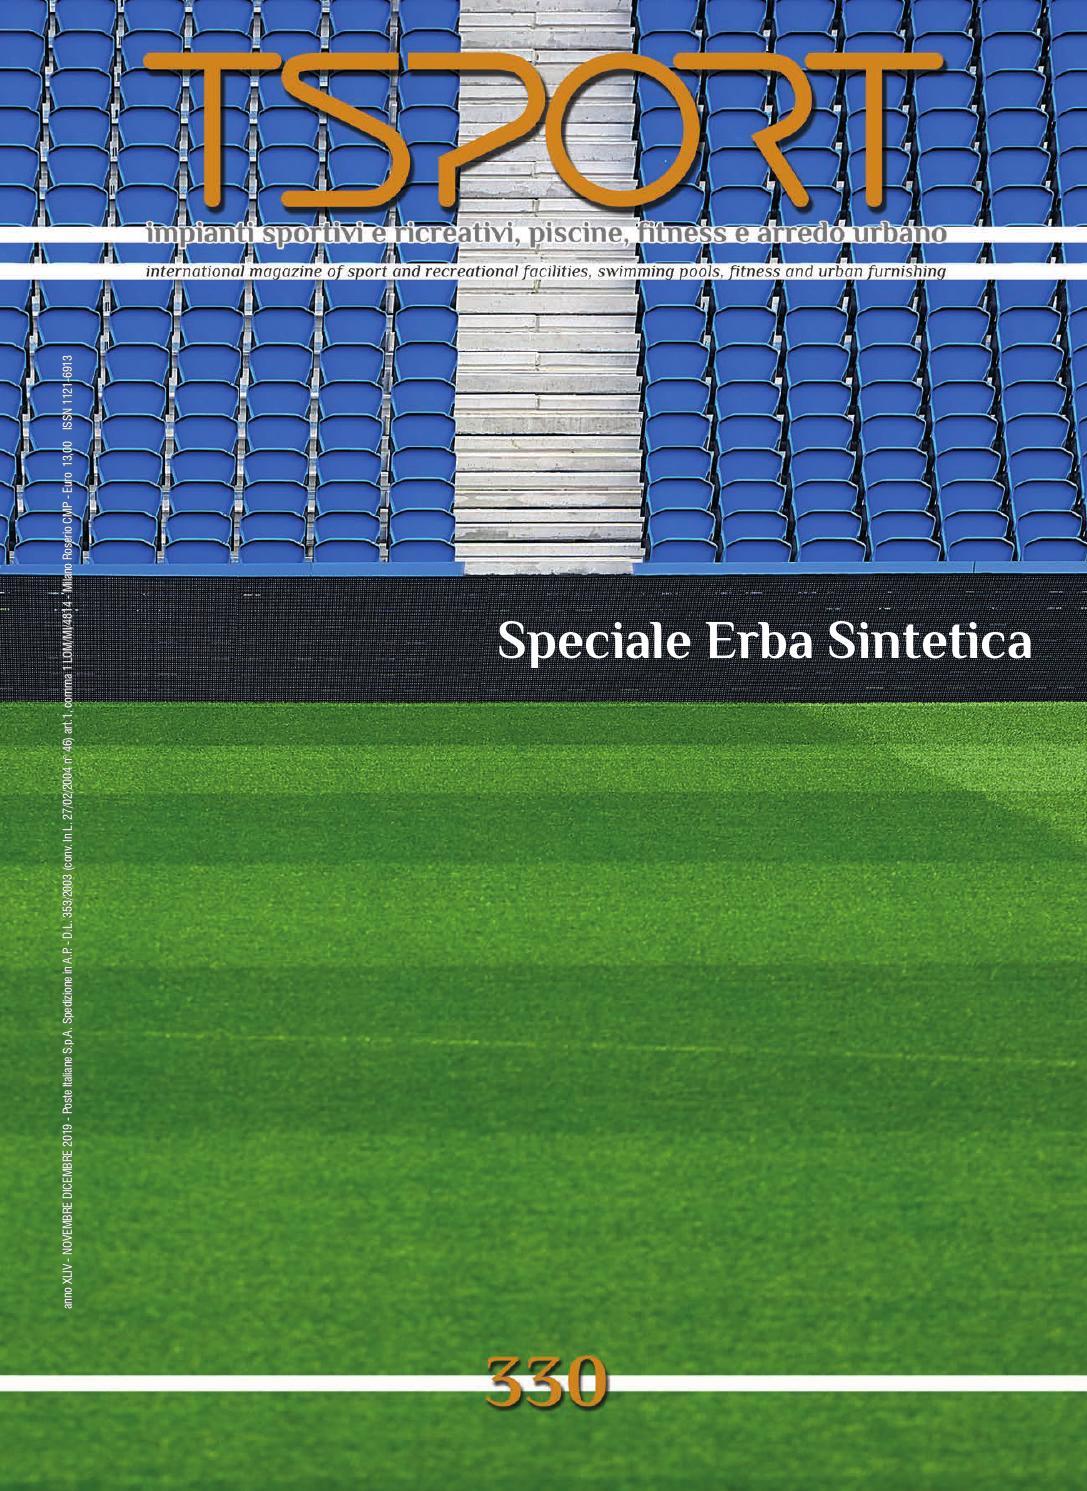 palloni da Calcio Bicolore per Principianti Sia allInterno Che allEsterno Dellop Senza Aria